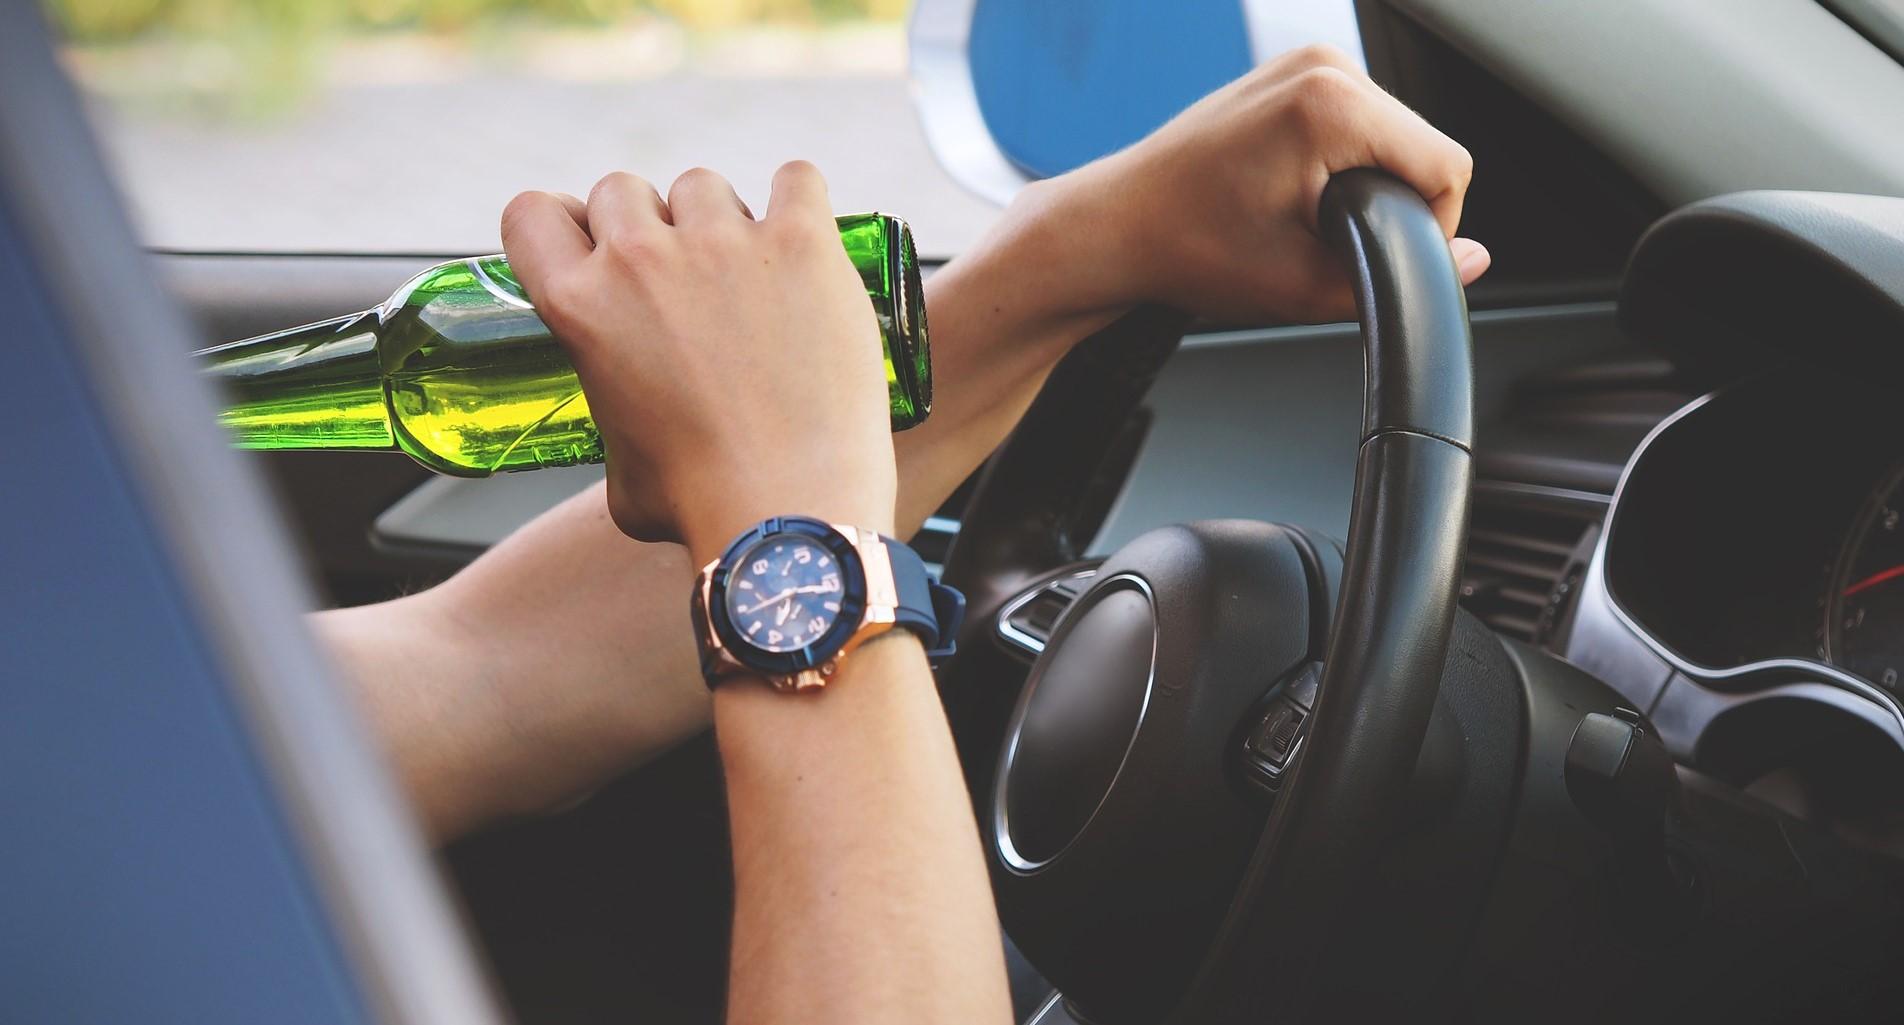 Alkohol am Steuer – diese Promillegrenzen und Sanktionen zählen